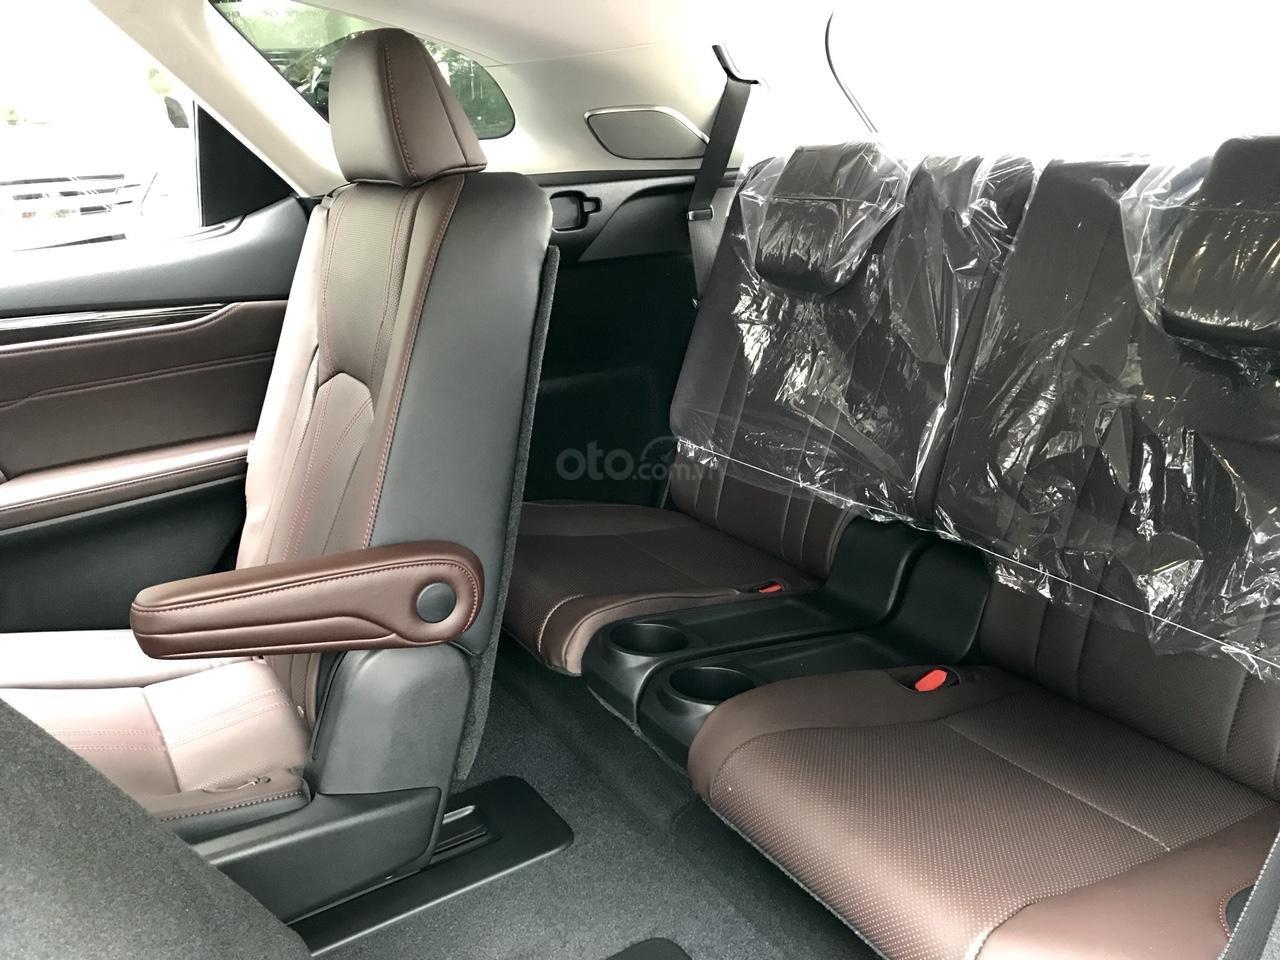 Bán Lexus RX 350L 6 chỗ đời 2019, xe nhập Mỹ, giá tốt, giao ngay, LH 094.539.2468 Ms Hương (14)